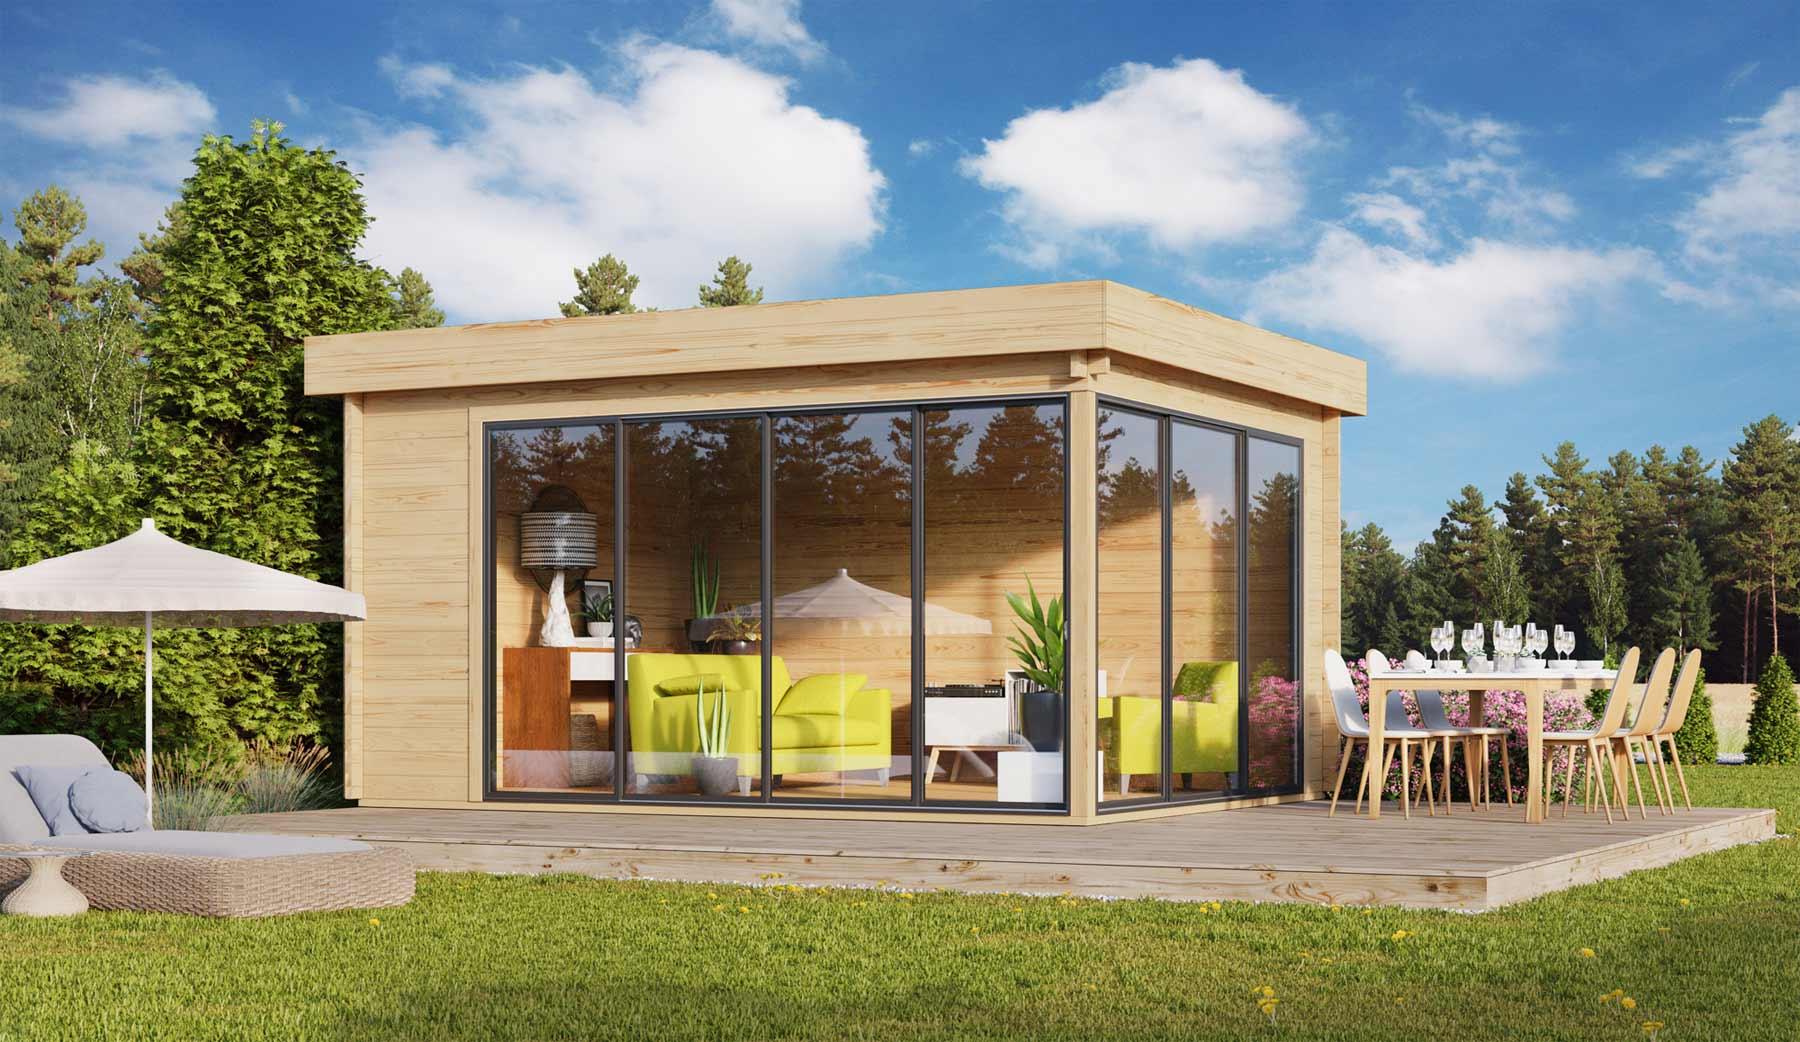 Lounge Gartenhaus mit bodentiefen Fenstern